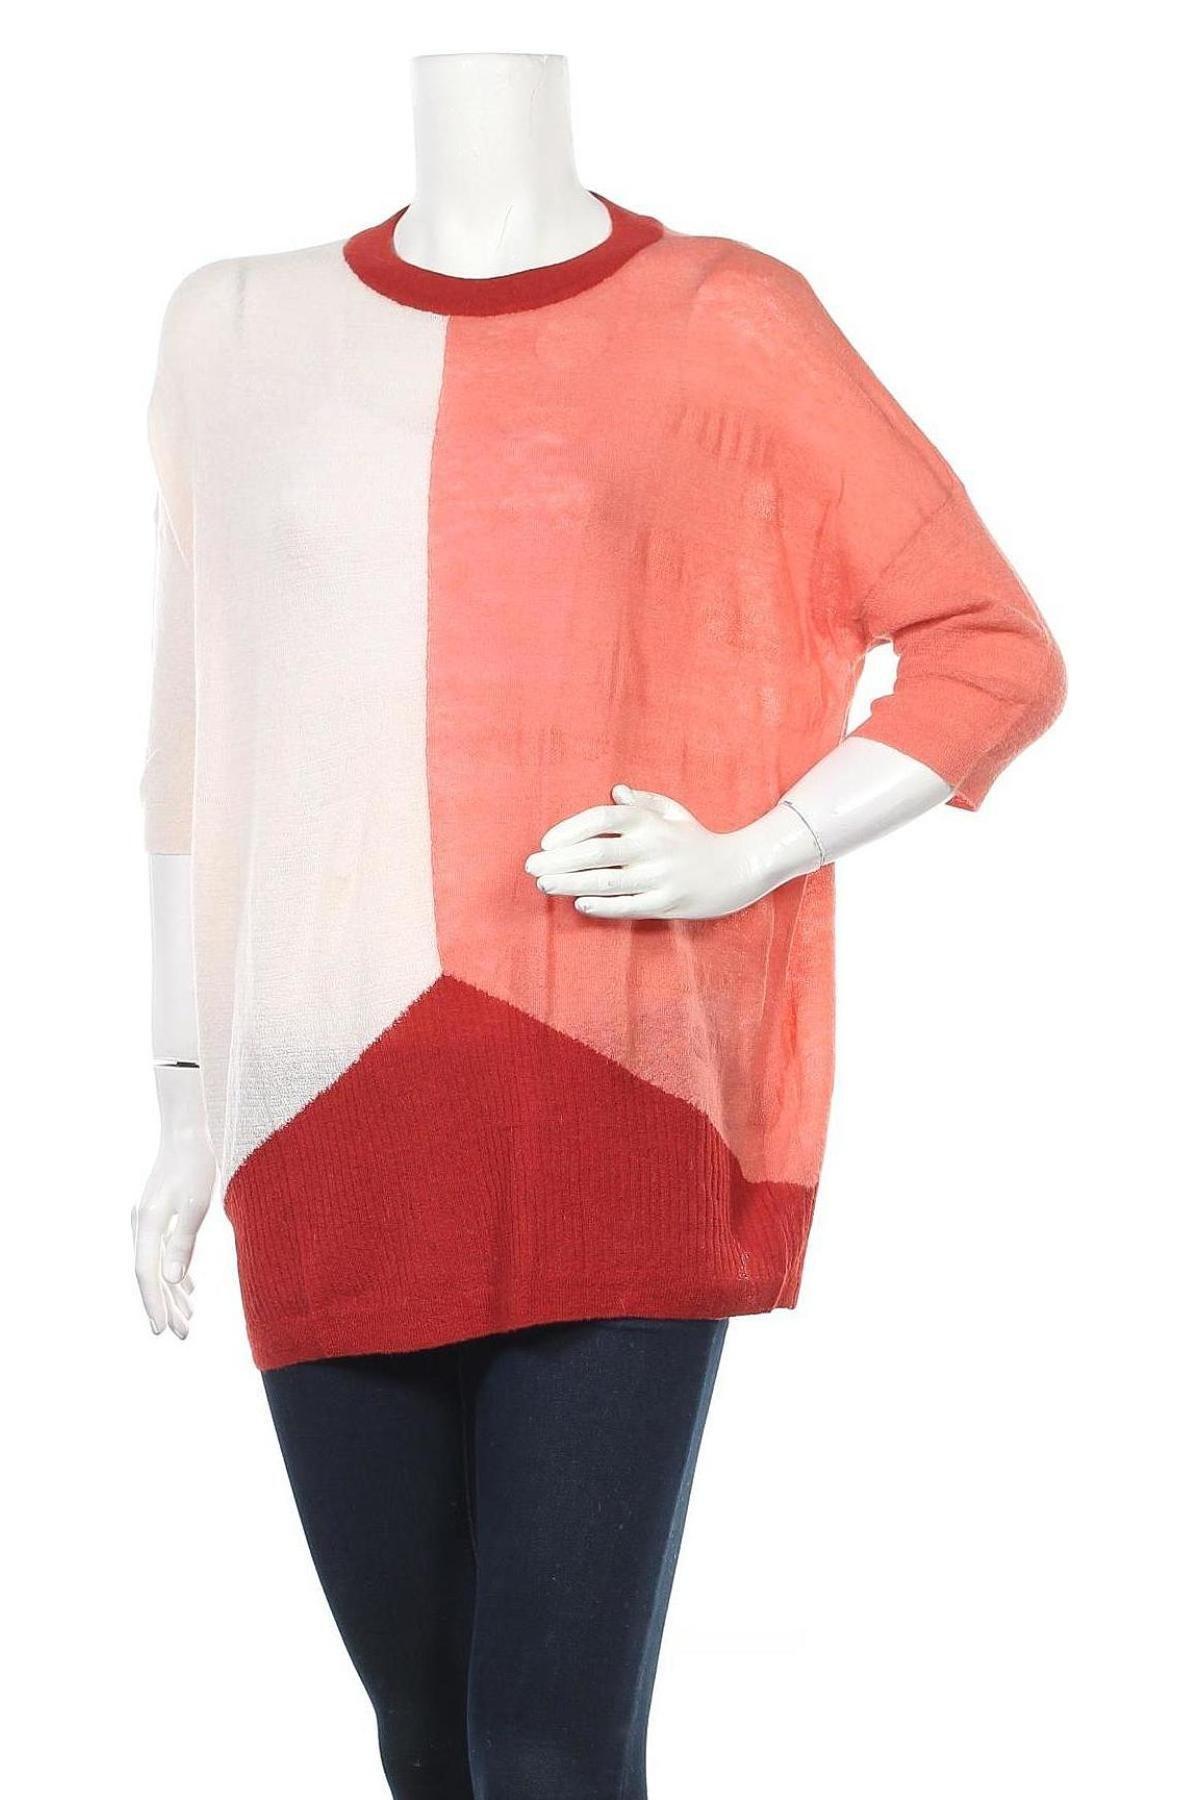 Γυναικείο πουλόβερ Stefanel, Μέγεθος M, Χρώμα Πολύχρωμο, 50% πολυαμίδη, 40% μαλλί από αλπακά, 10% μαλλί, Τιμή 29,09€